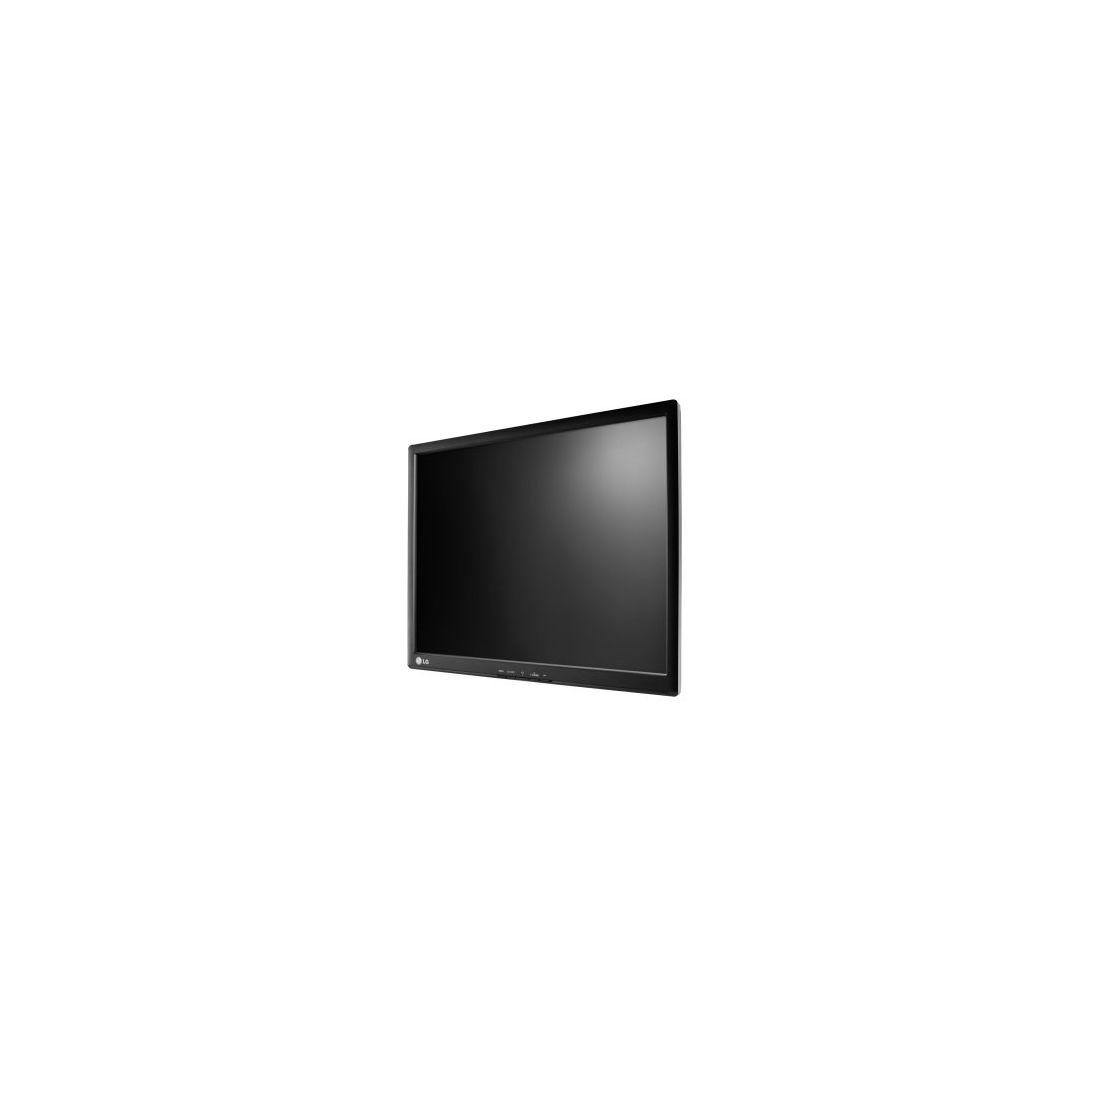 LG 17MB15T B Monitor Tactil 17 1Led Panel IPS